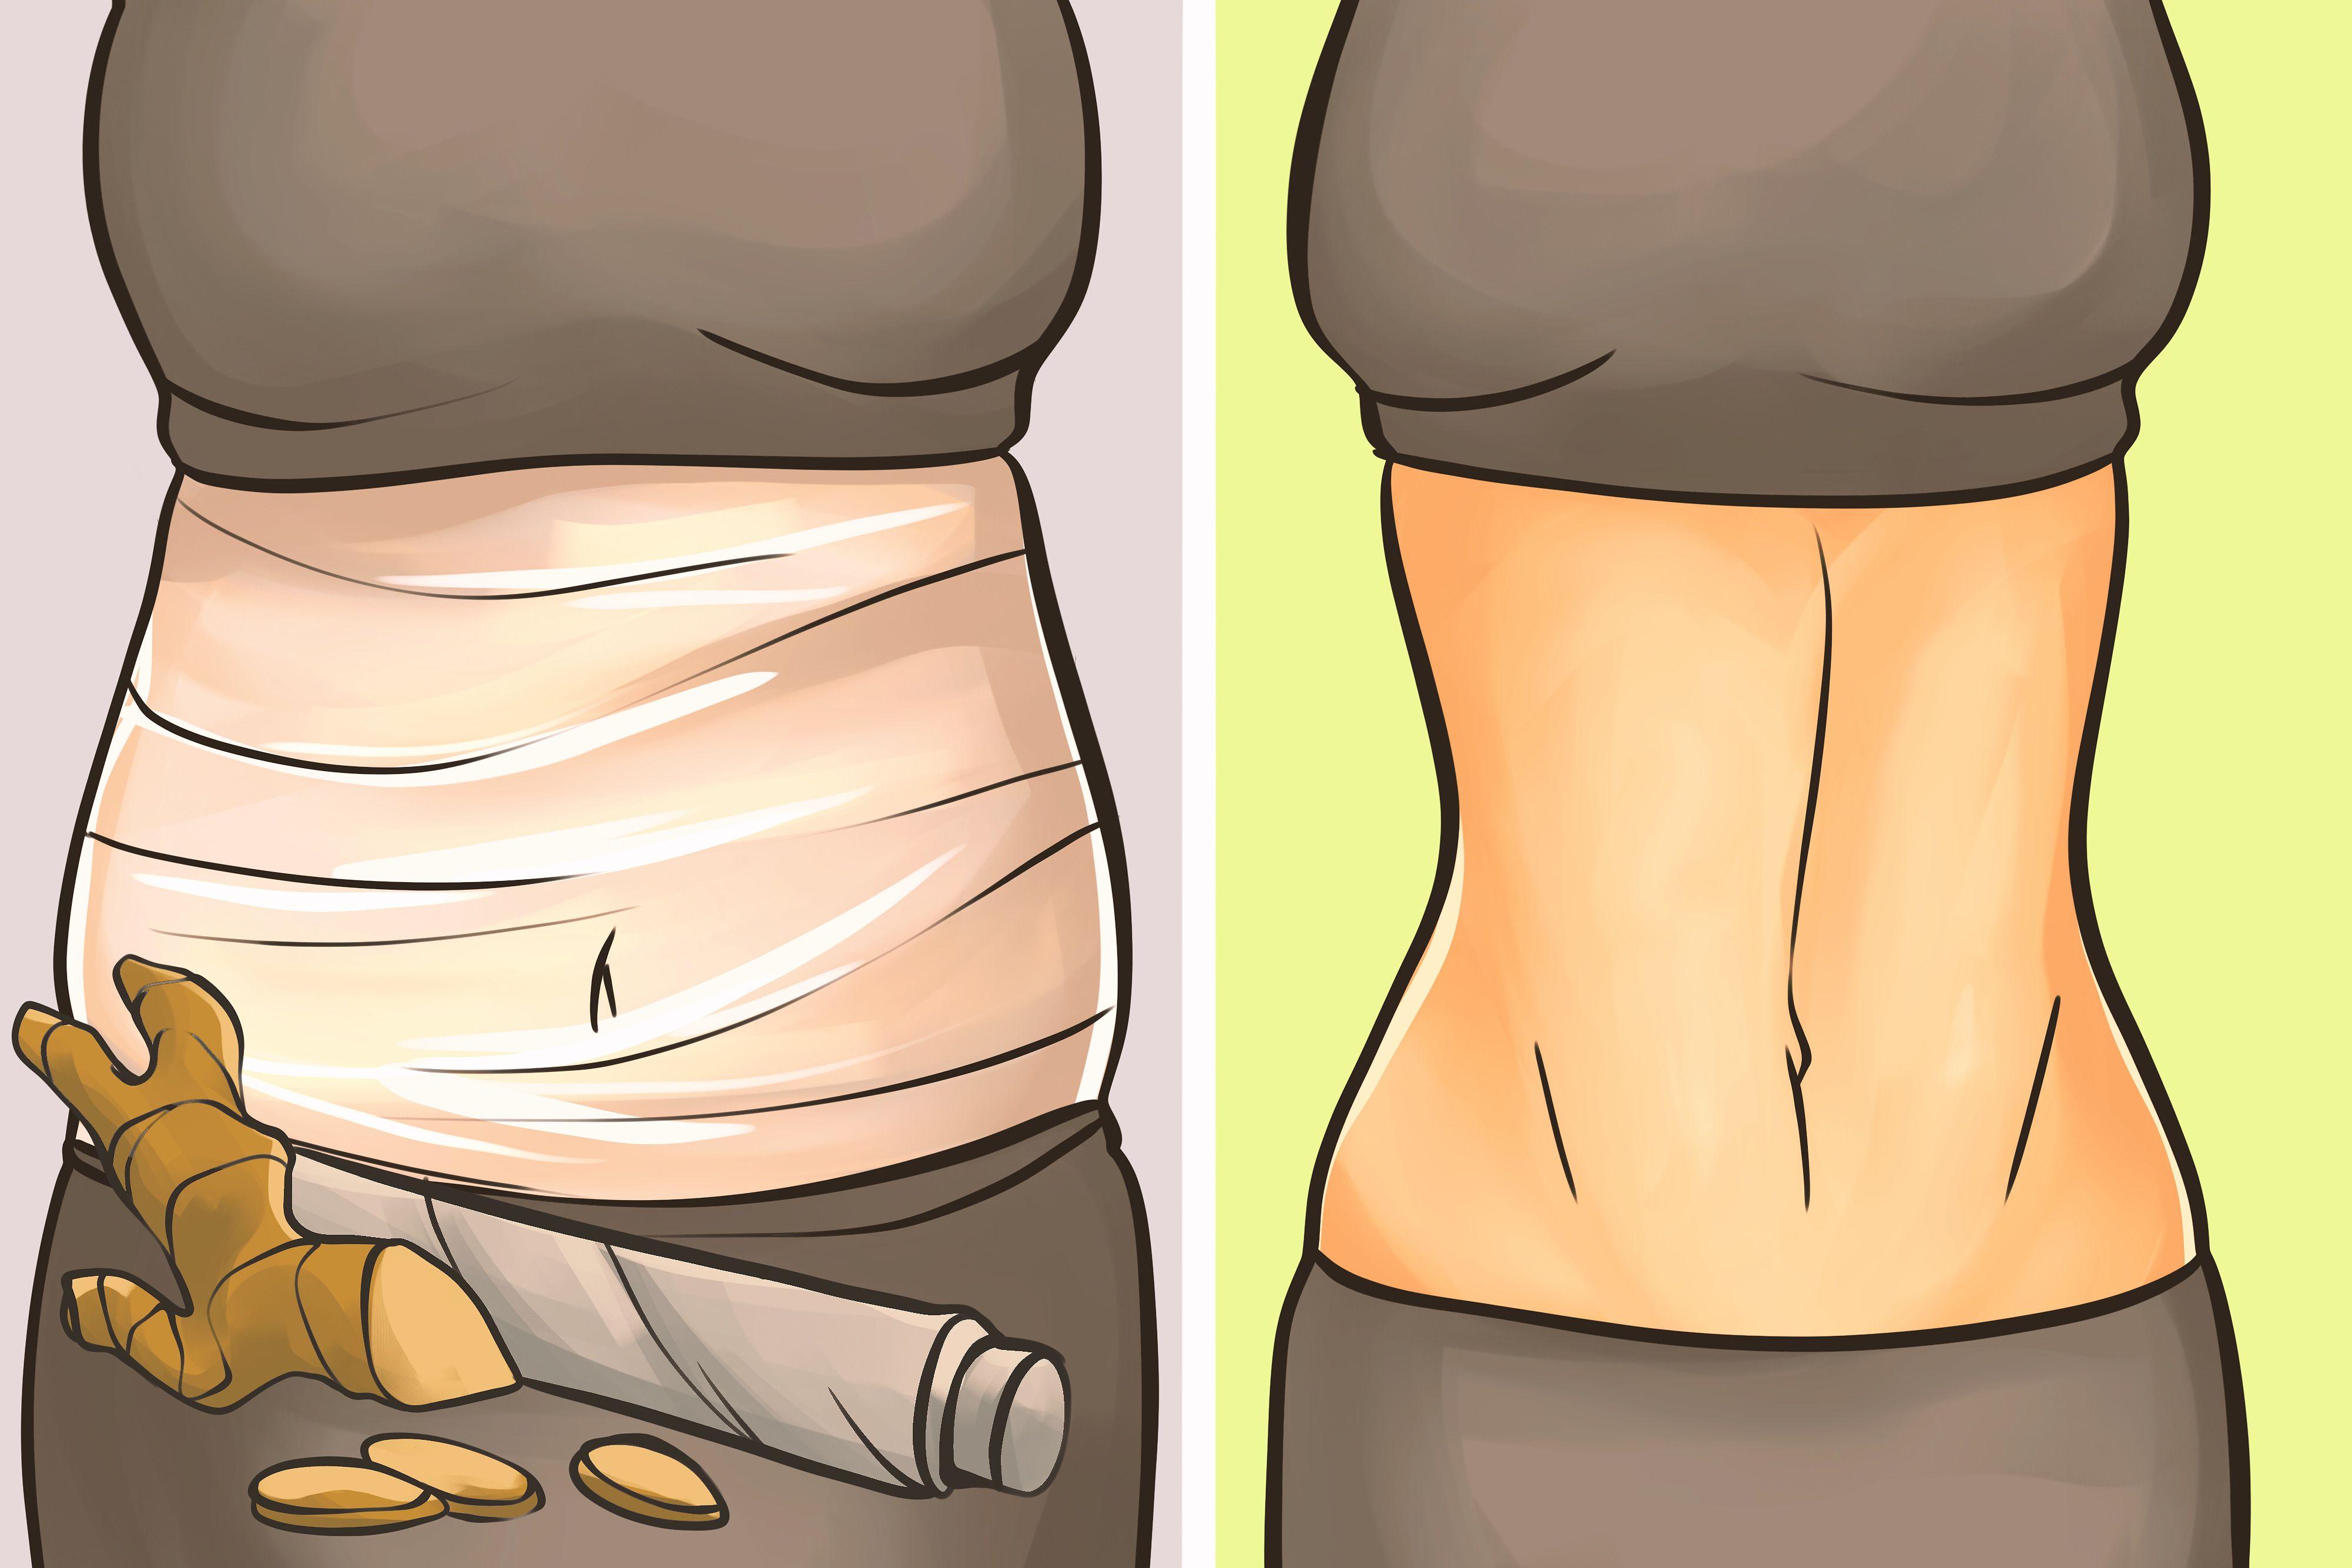 pneumonie perte de poids fatigue